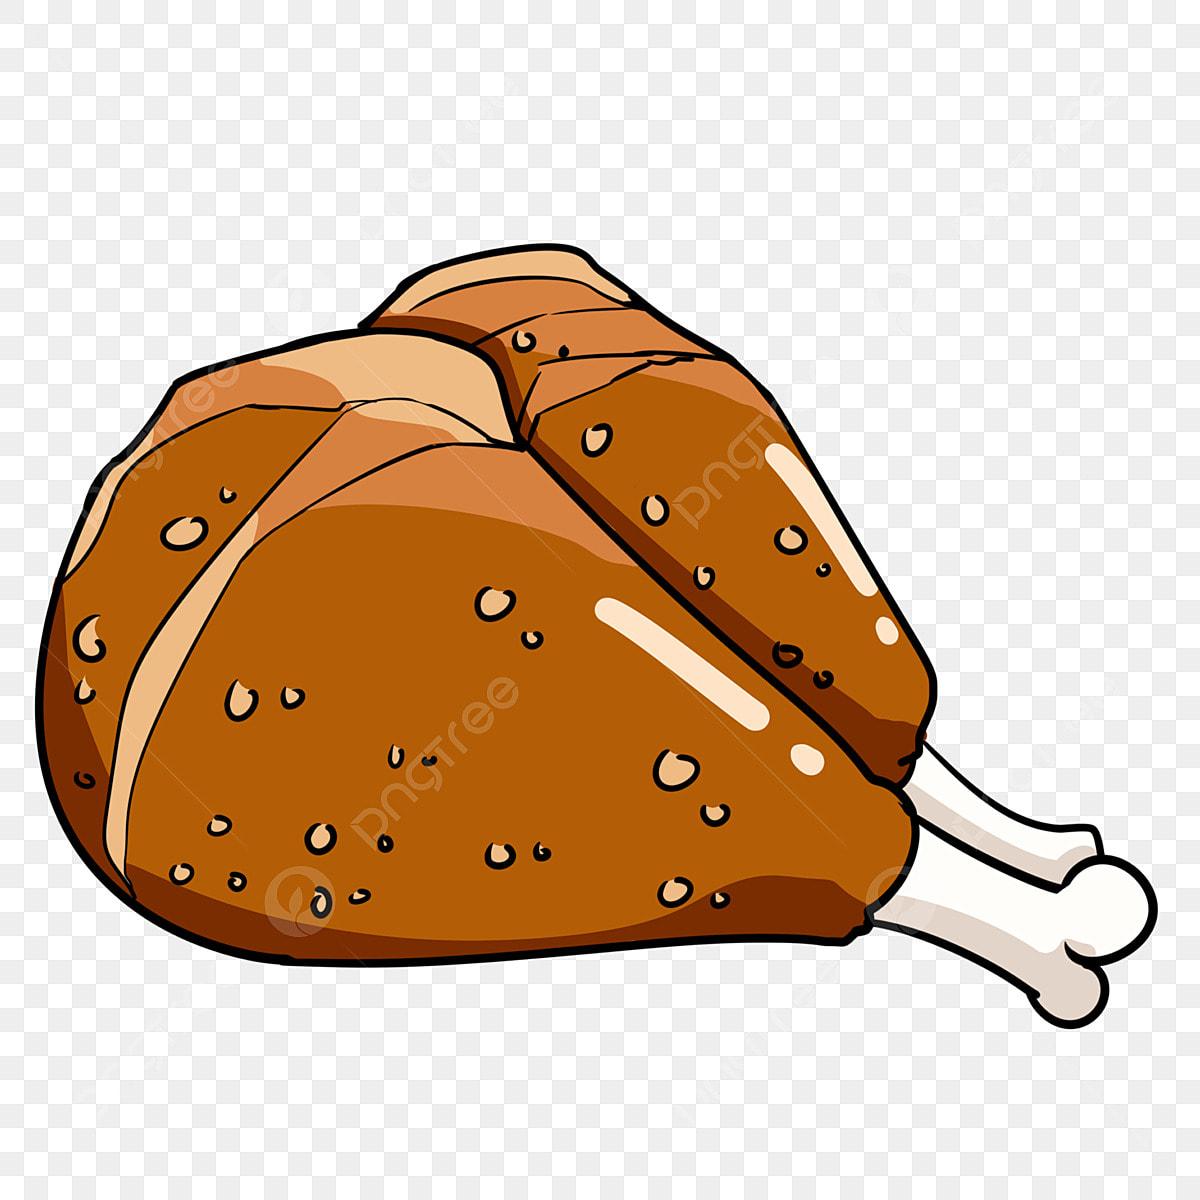 اللحوم المطبوخة اللحوم المطبوخة بالكرتون اللحوم المطبوخة الرقيقة اللحوم المطبوخة اللذيذة التوضيح المطبوخة اللحوم Png وملف Psd للتحميل مجانا